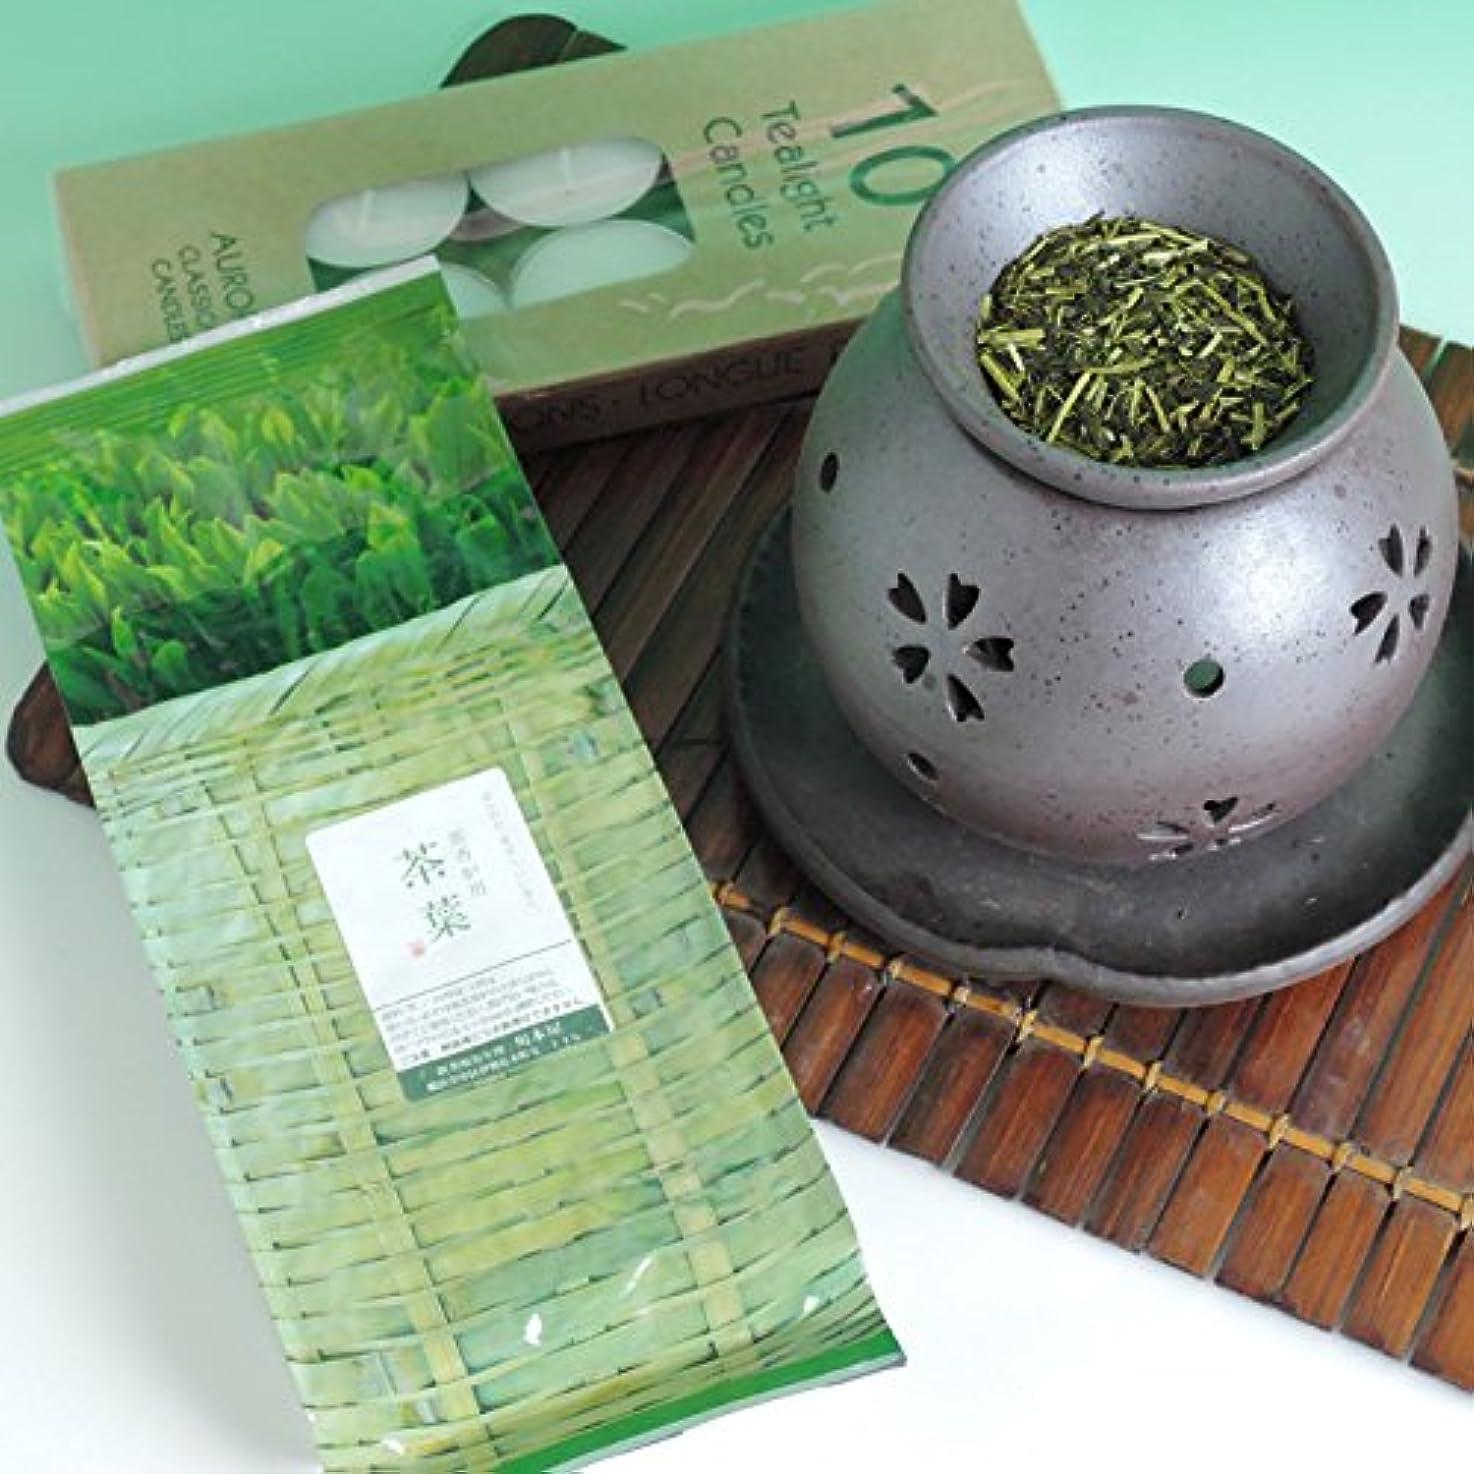 茶香炉 盛正作 ローソク 茶香炉専用 茶葉 セット 川本屋茶舗